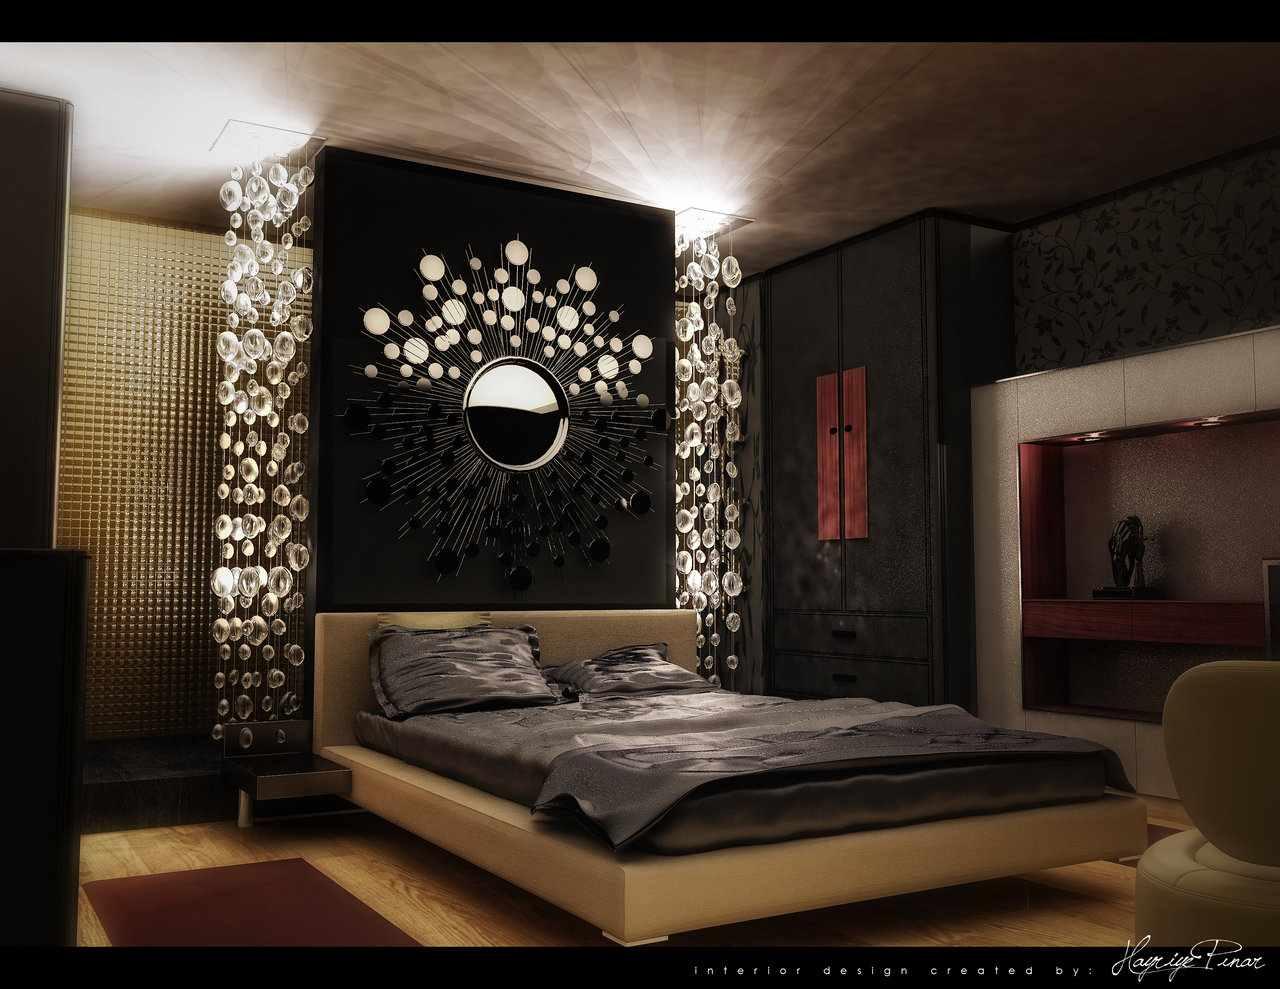 ikea Bedroom ideas - ikea Bedroom 2014 ideas